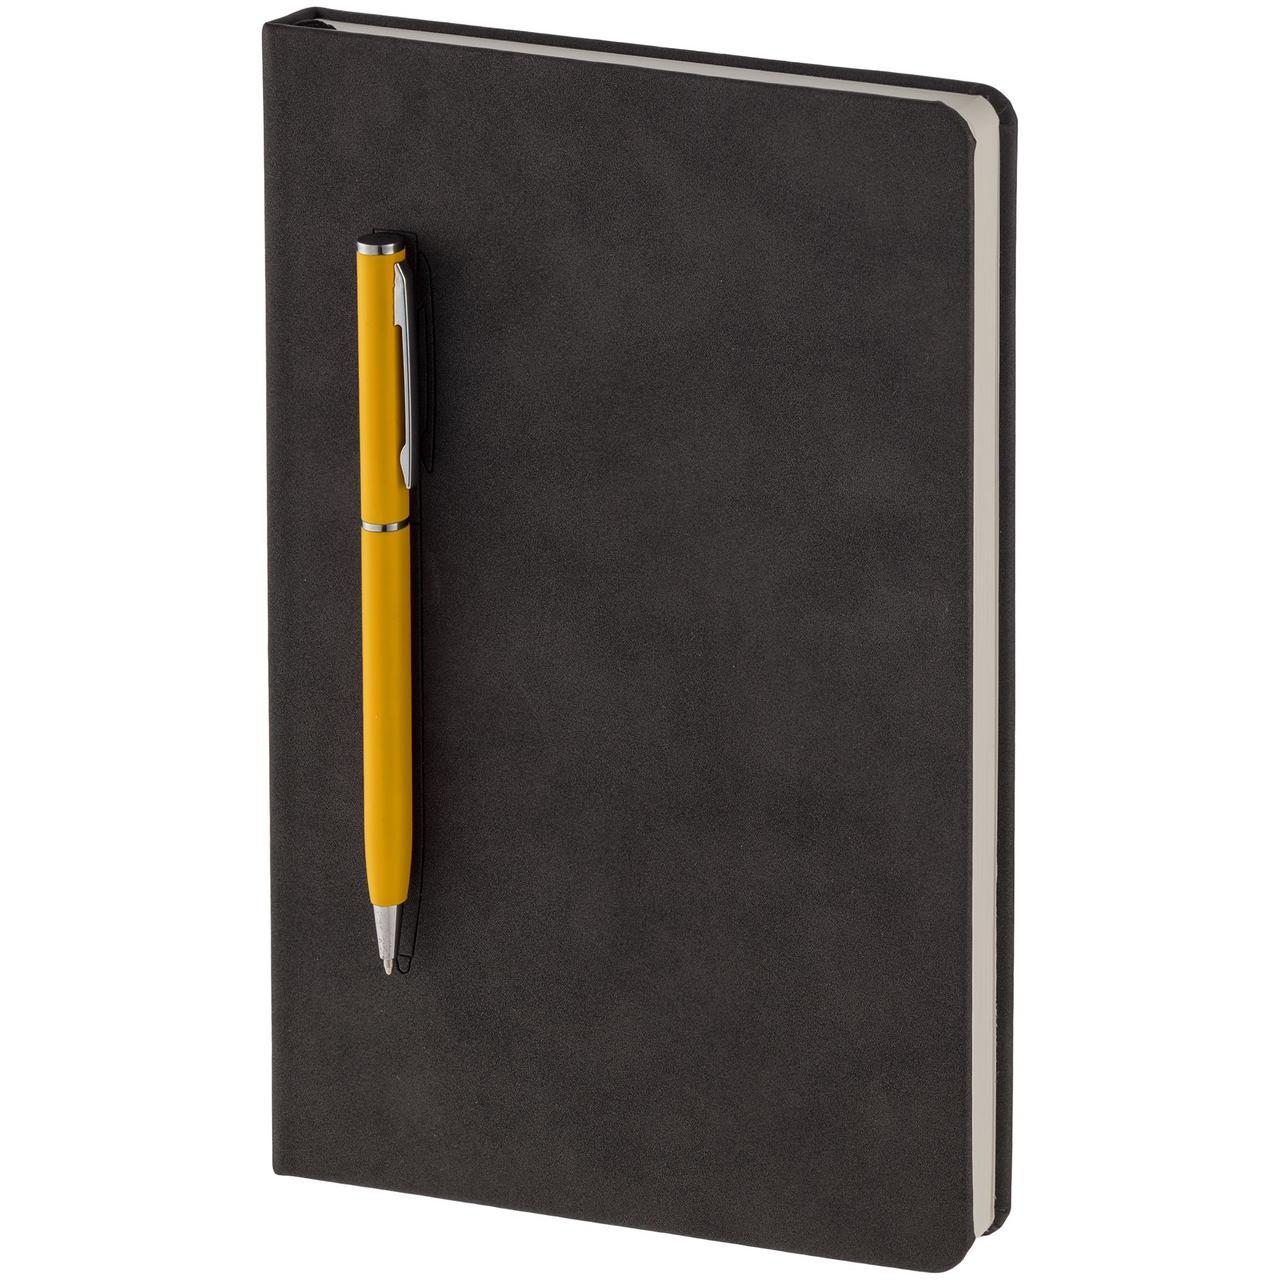 Блокнот Magnet Chrome с ручкой, черно-желтый (артикул 15016.80)